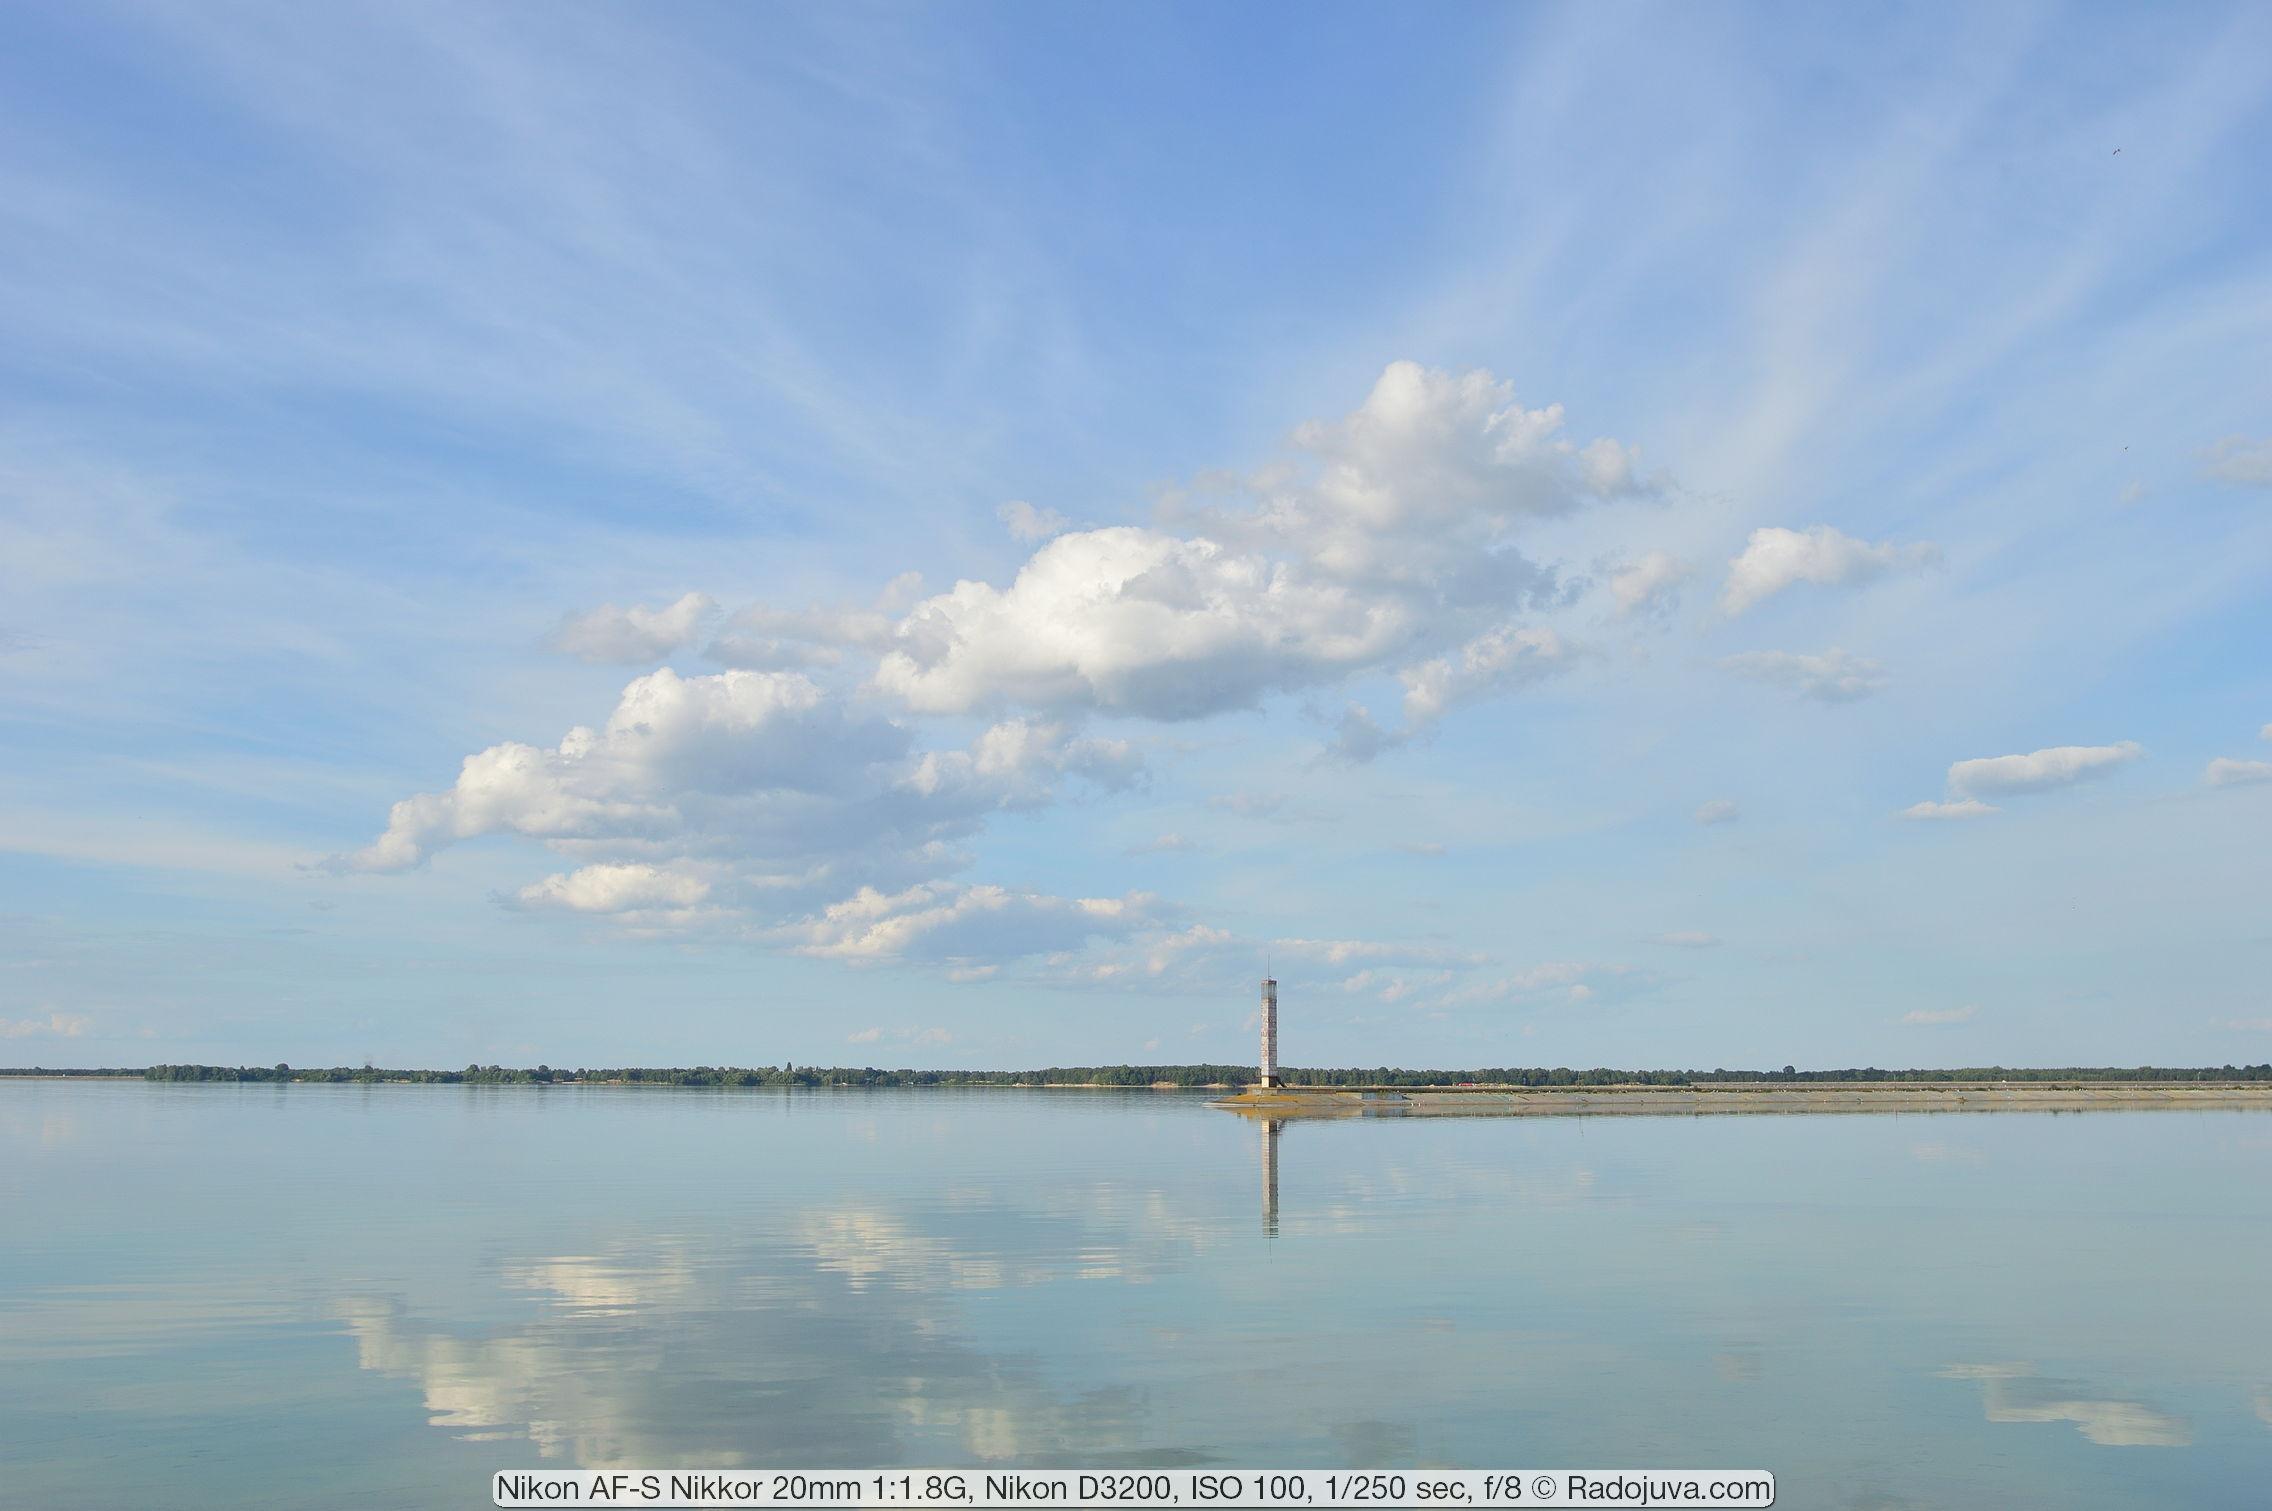 Пример фотографии на Nikon AF-S 20mm 1.8G